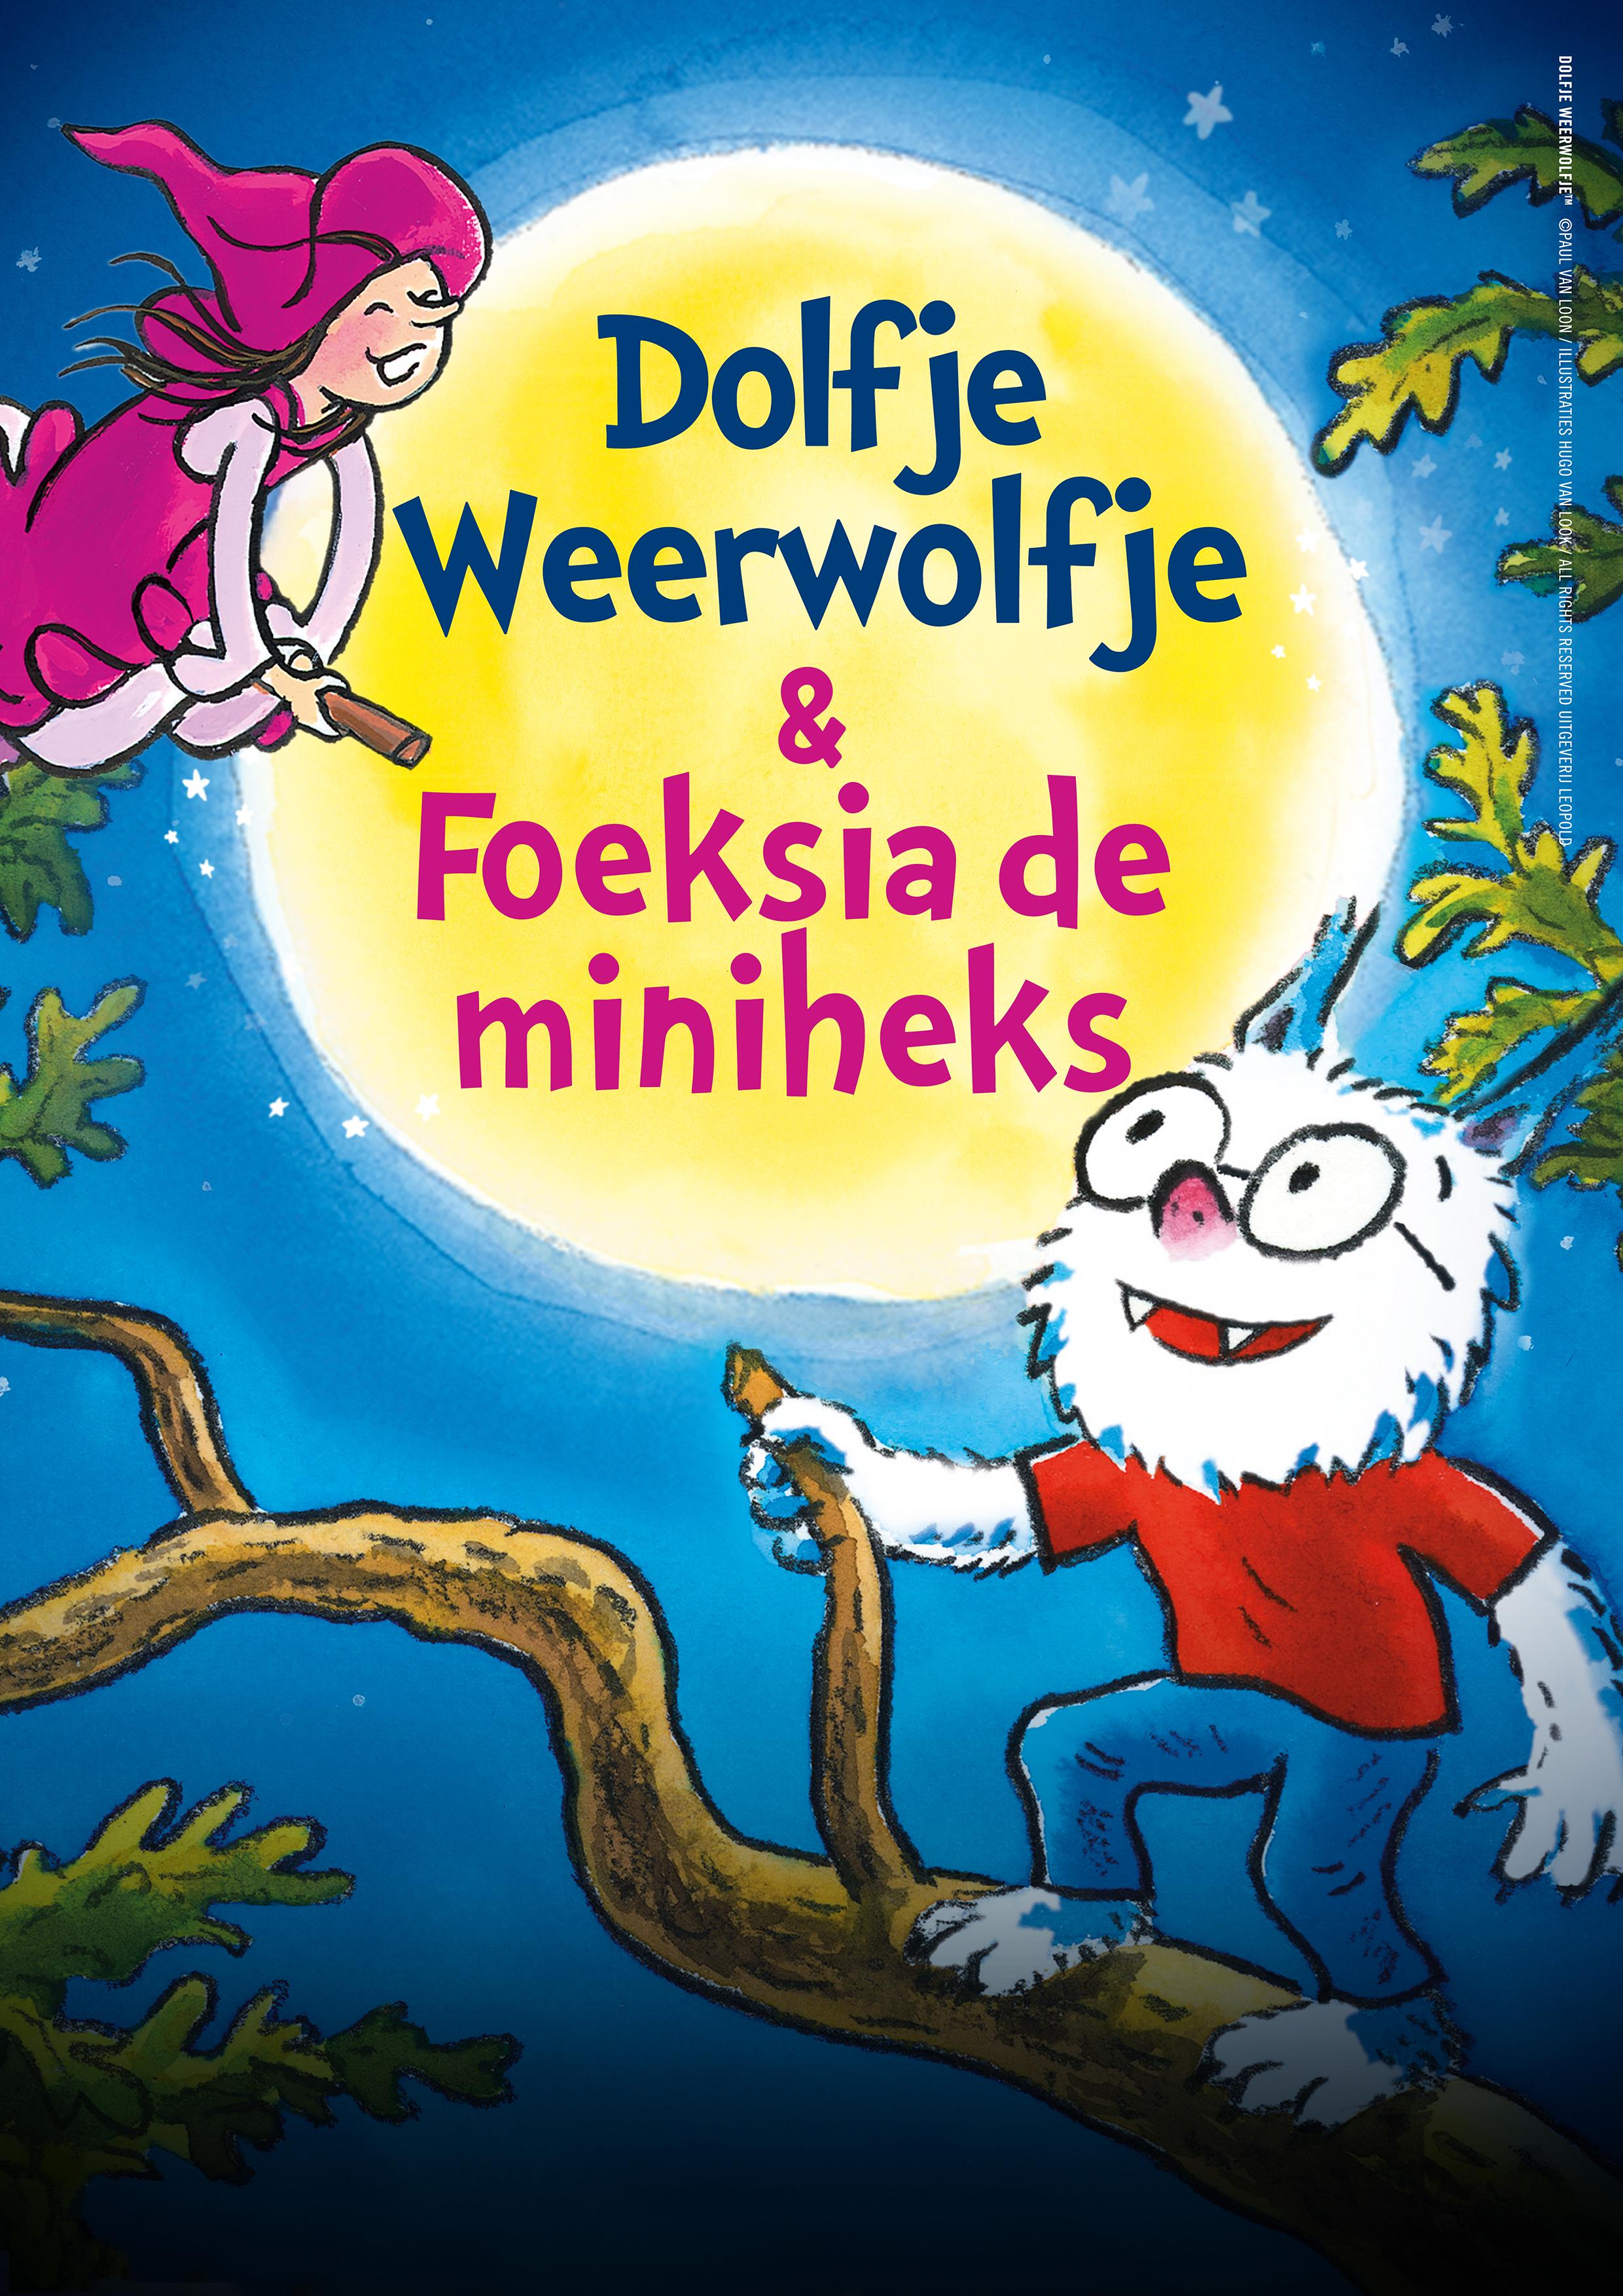 Dolfje-Weerwolfje-en-Foeksia-de-Miniheks